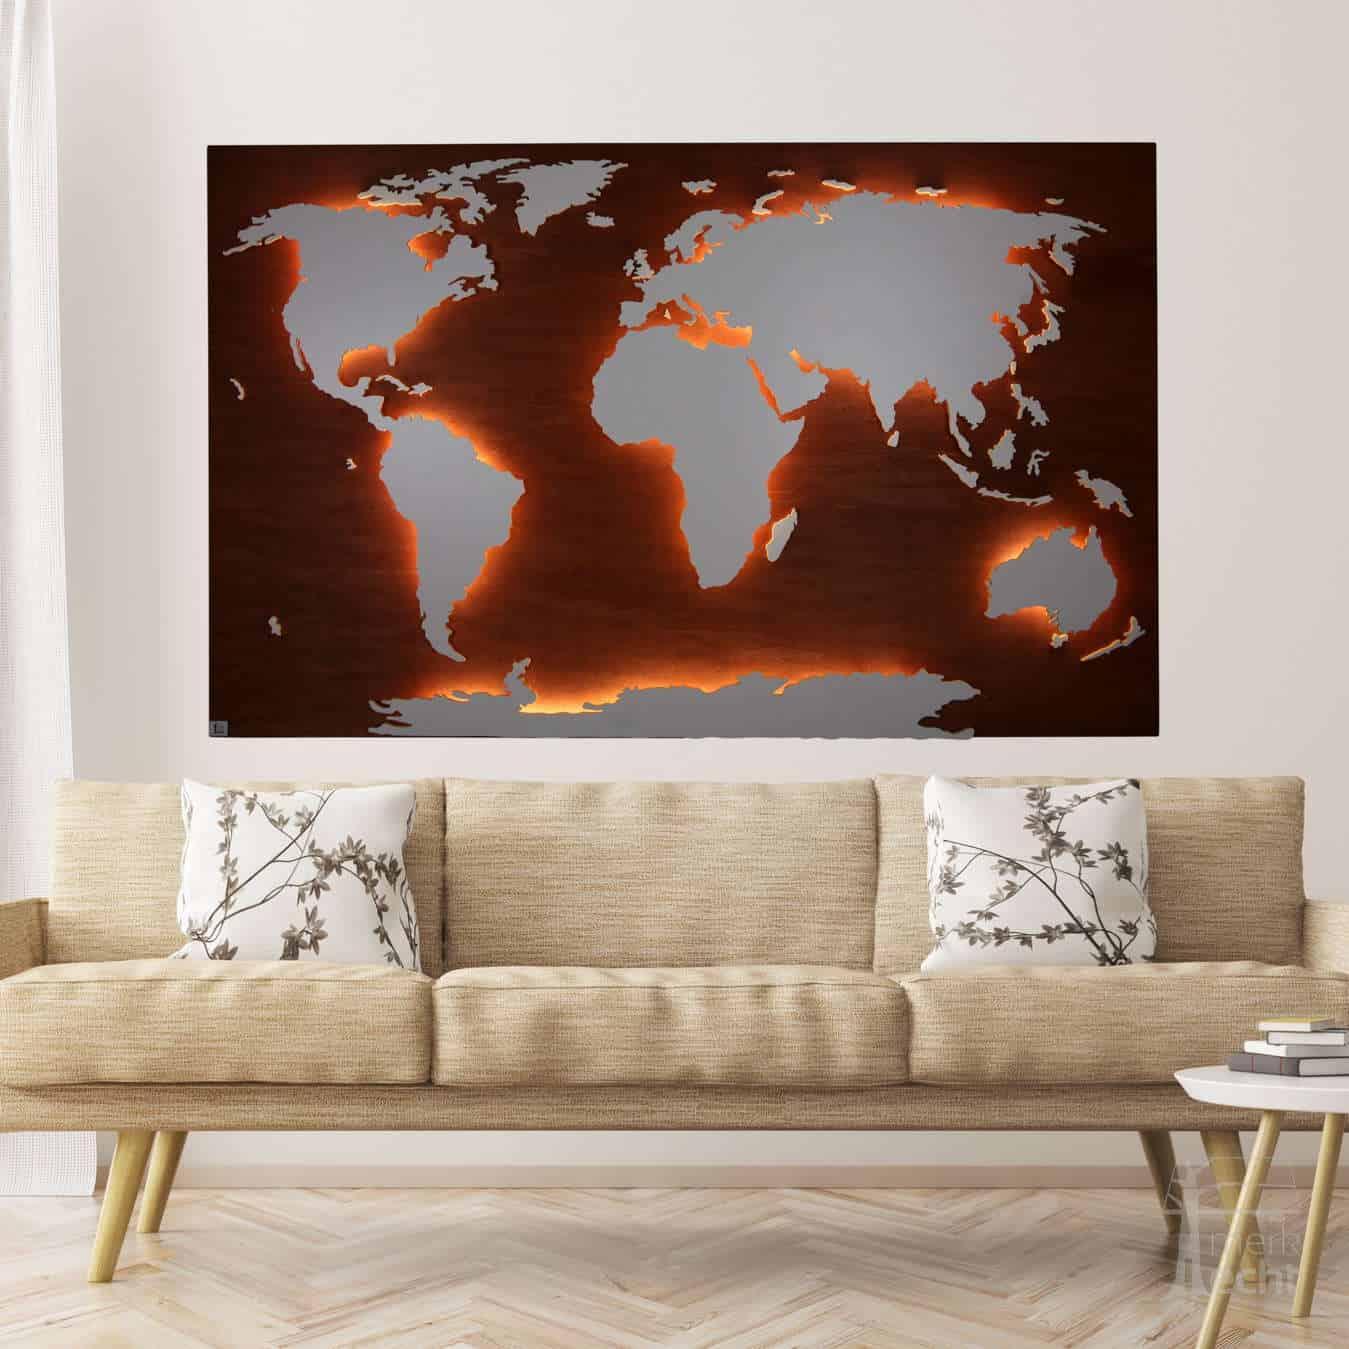 Weltkarte-Nussbaum-Echtholz-Wandbild-Beleuchtet-WeißesKontinente-Holz-Welt-Karte-XXL-WelkartenAusHolz-WeißeKontinente-KontinenteHolz